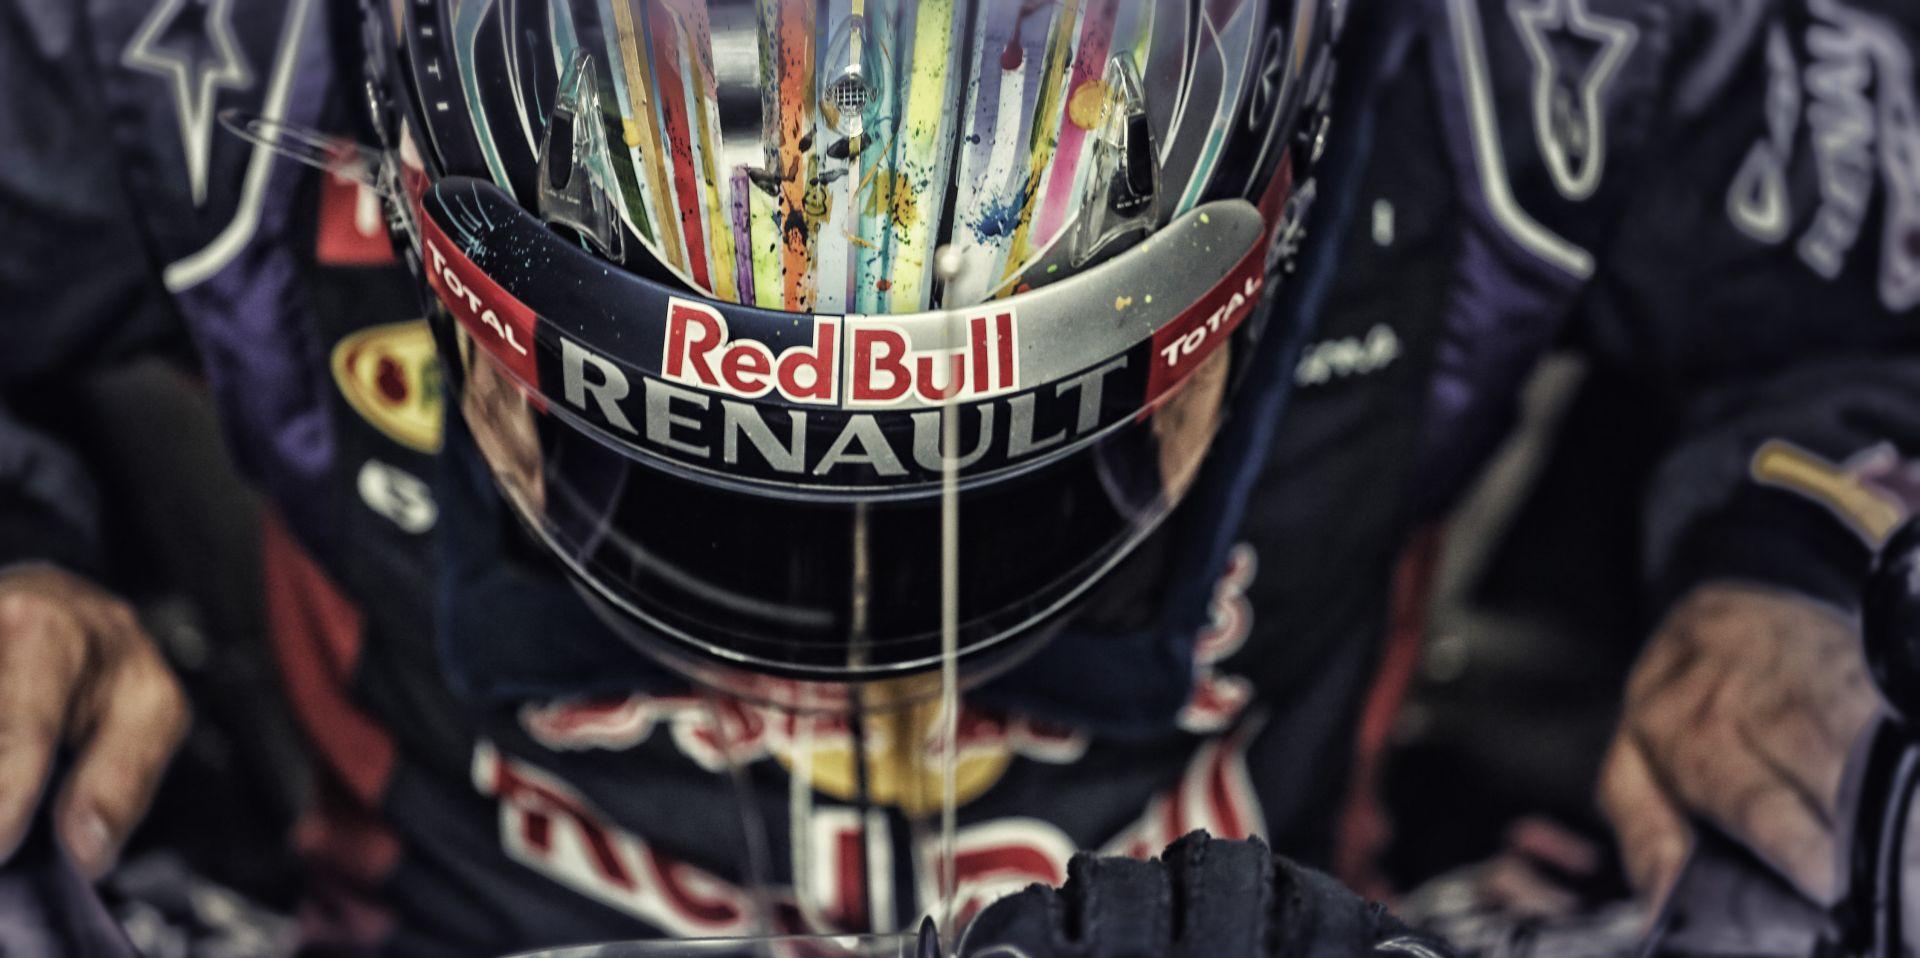 Vettel ismét kiesett, ezúttal a Red Bull Ringen! Ebből idén nem lesz címvédés